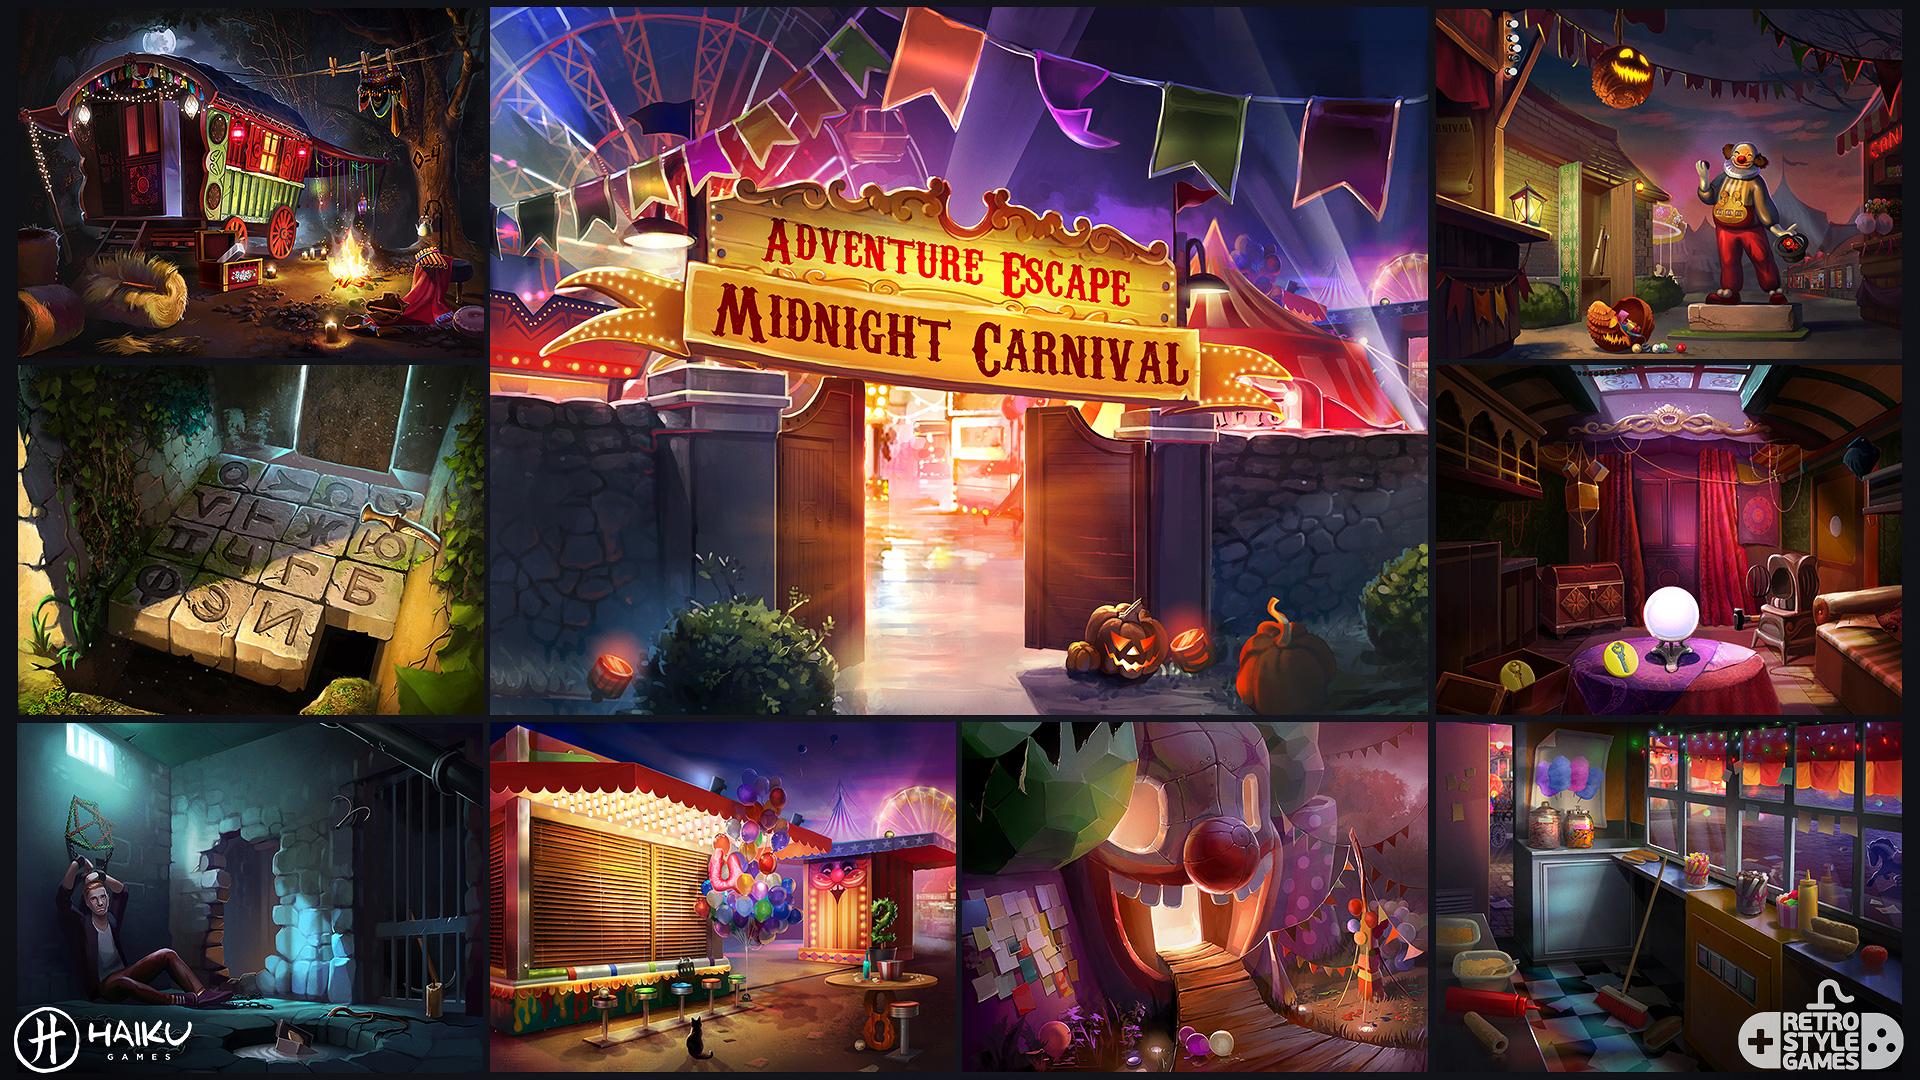 midnight 2d carnival full art sheet1 backgrounds